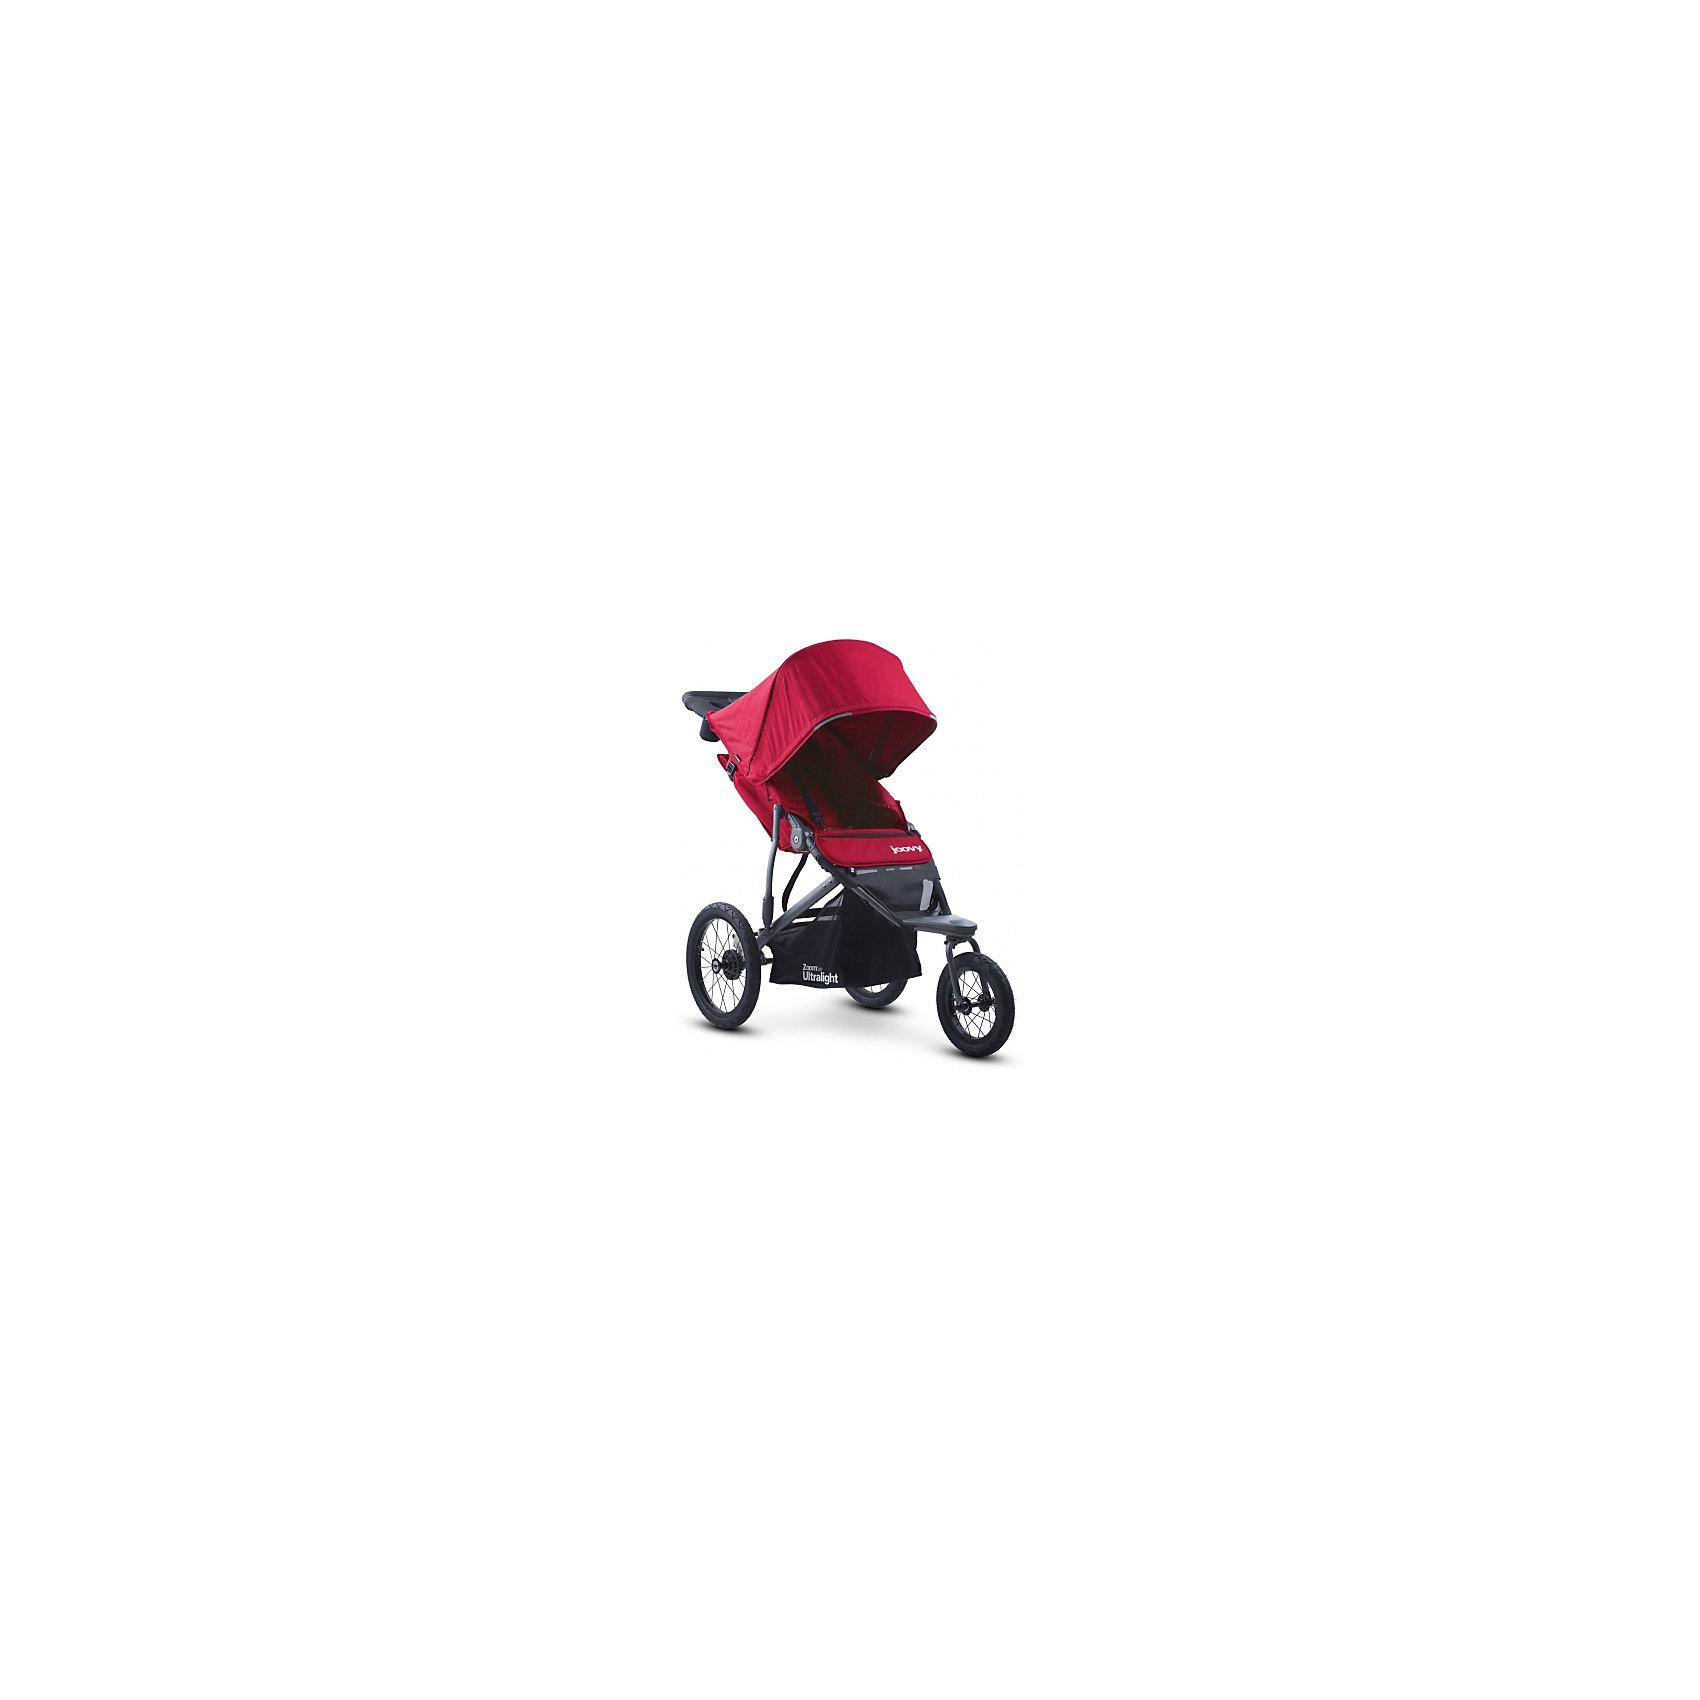 Прогулочная коляска Joovy Zoom 360 Ultralight, красныйПрогулочные коляски<br>Характеристики товара:<br><br>• возраст от 3 месяцев;<br>• плавно регулируемая ременным механизмом спинка до положения в 160 градусов;<br>• большой капюшон для защиты от непогоды и солнечных лучей;<br>• смотровое окошко на капюшоне;<br>• практичный столик-органайзер с подстаканником и отделением на молнии для ключей или телефона;<br>• сетчатый кармашек с внутренней стороны сидения;<br>• 5-ти точечные ремни безопасности;<br>• светоотражающие элементы для видимости в темное время суток;<br>• материал: полиэстер с водоотталкивающей пропиткой и защитой от УФ-лучей.<br><br>Прогулочная коляска Joovy Zoom 360 Ultralight красная — отличный вариант для родителей, ведущих активный образ жизни. С ней можно отправиться не только на прогулку в парк, но и на природу, в путешествие, в поход и даже заниматься бегом. Коляска отличается проходимостью и хорошей маневренностью. Просторное сидение обеспечит малышу комфортную прогулку. Капюшон надежно защитит от дождя и палящего солнца. Для родителей предусмотрен удобный аксессуар на ручке — столик с 2 подстаканниками и небольшим отсеком на молнии для мелочей. Ручка родителей обтянута противоскользящим материалом. Хорошая проходимость достигается благодаря большим задним надувным колесам.<br><br>Шасси коляски:<br><br>• прочная рама из авиационного алюминия;<br>• тип складывания: книжка;<br>• диаметр переднего колеса 30 см, задних колес 40 см;<br>• тип колес: надувные;<br>• переднее поворотное колесо с возможностью блокировки;<br>• ширина колесной базы 63,5 см;<br>• стояночный тормоз;<br>• пружинные амортизаторы;<br>• вместительная корзина для покупок.<br><br>Размер коляски в разложенном виде 137х117х63,5 см<br>Размер коляски в сложенном виде 86х63,5х48 см<br>Вес коляски 11,5 кг<br>Размер упаковки 86х63,5х48 см<br>Вес упаковки 11,5 кг<br><br>Комплектация:<br><br>• прогулочный блок;<br>• органайзер;<br>• насос;<br>• инструкция.<br><br>Прогулочную коляску Joovy Zoo